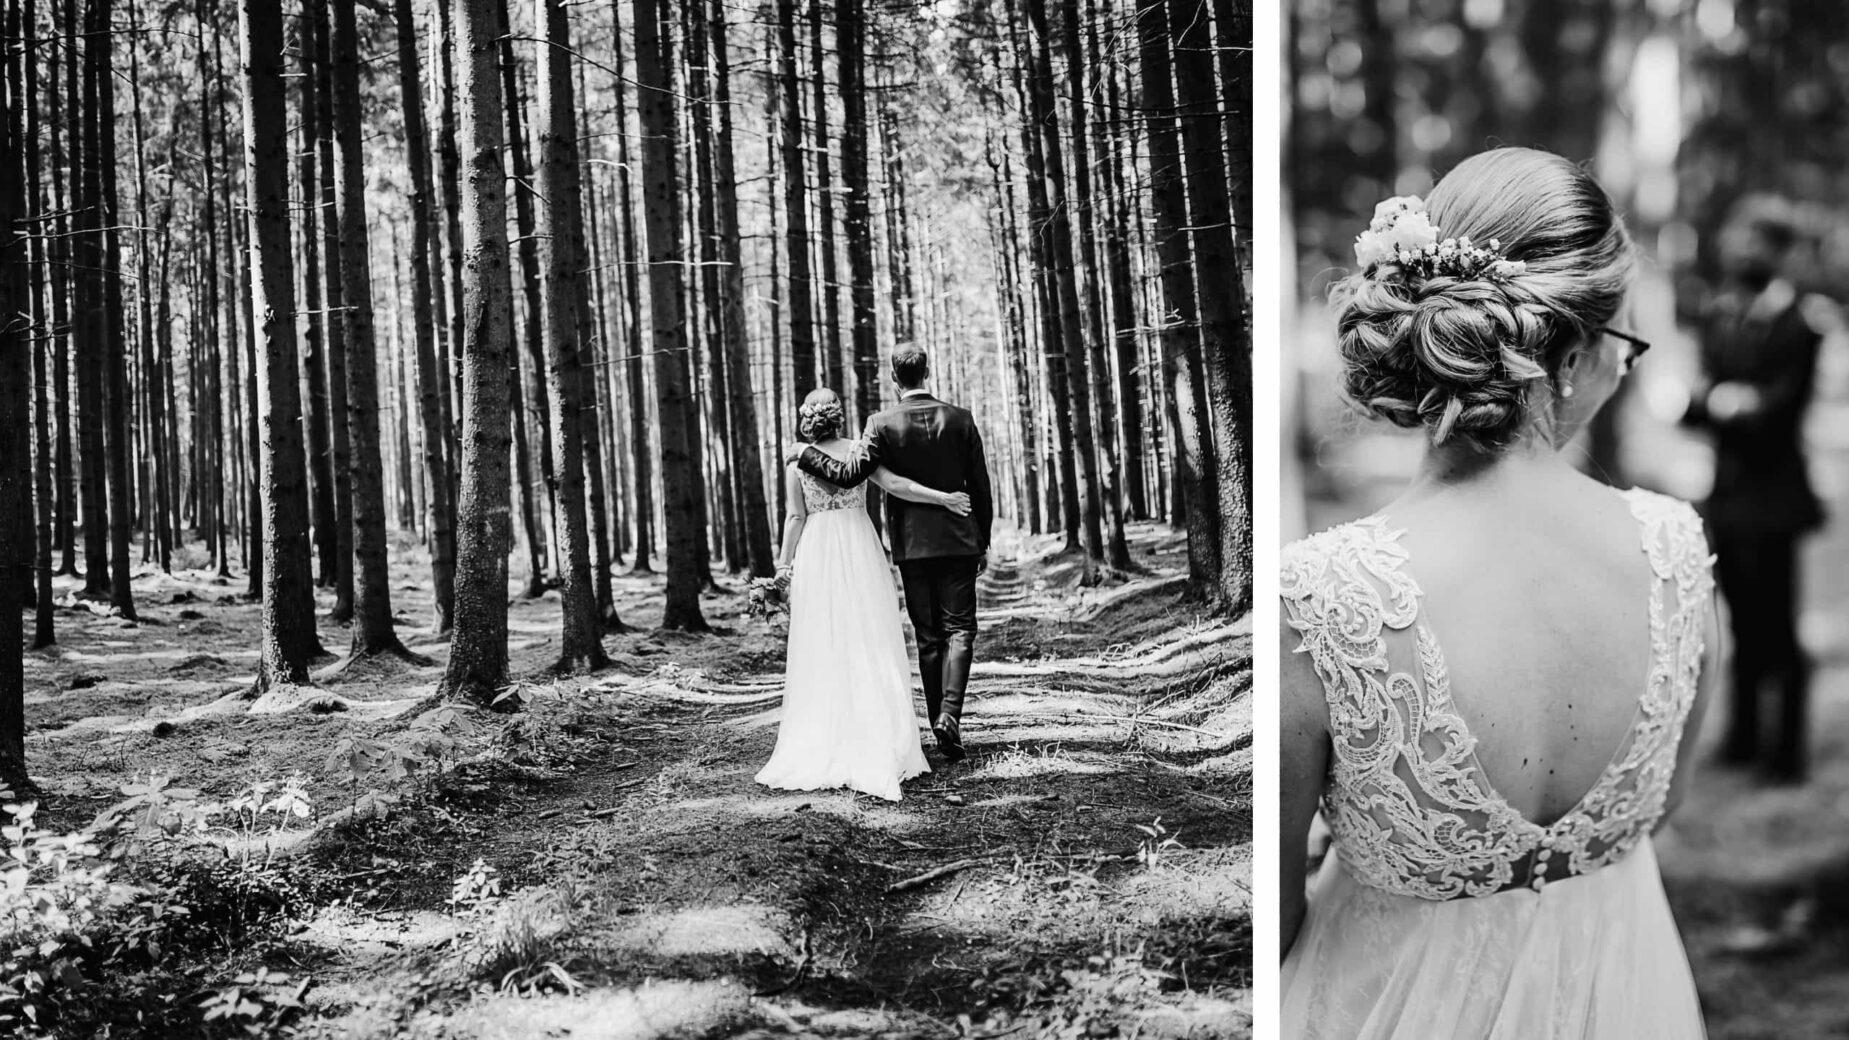 Hochzeitsreportage bei Hohenkammer, Portrait im Wald, Hochzeitsfotos auf dem Land, professionelle Hochzeitsbilder von Jung und Wild design rund um München, Ingolstadt, Pfaffenhofen, Augsburg